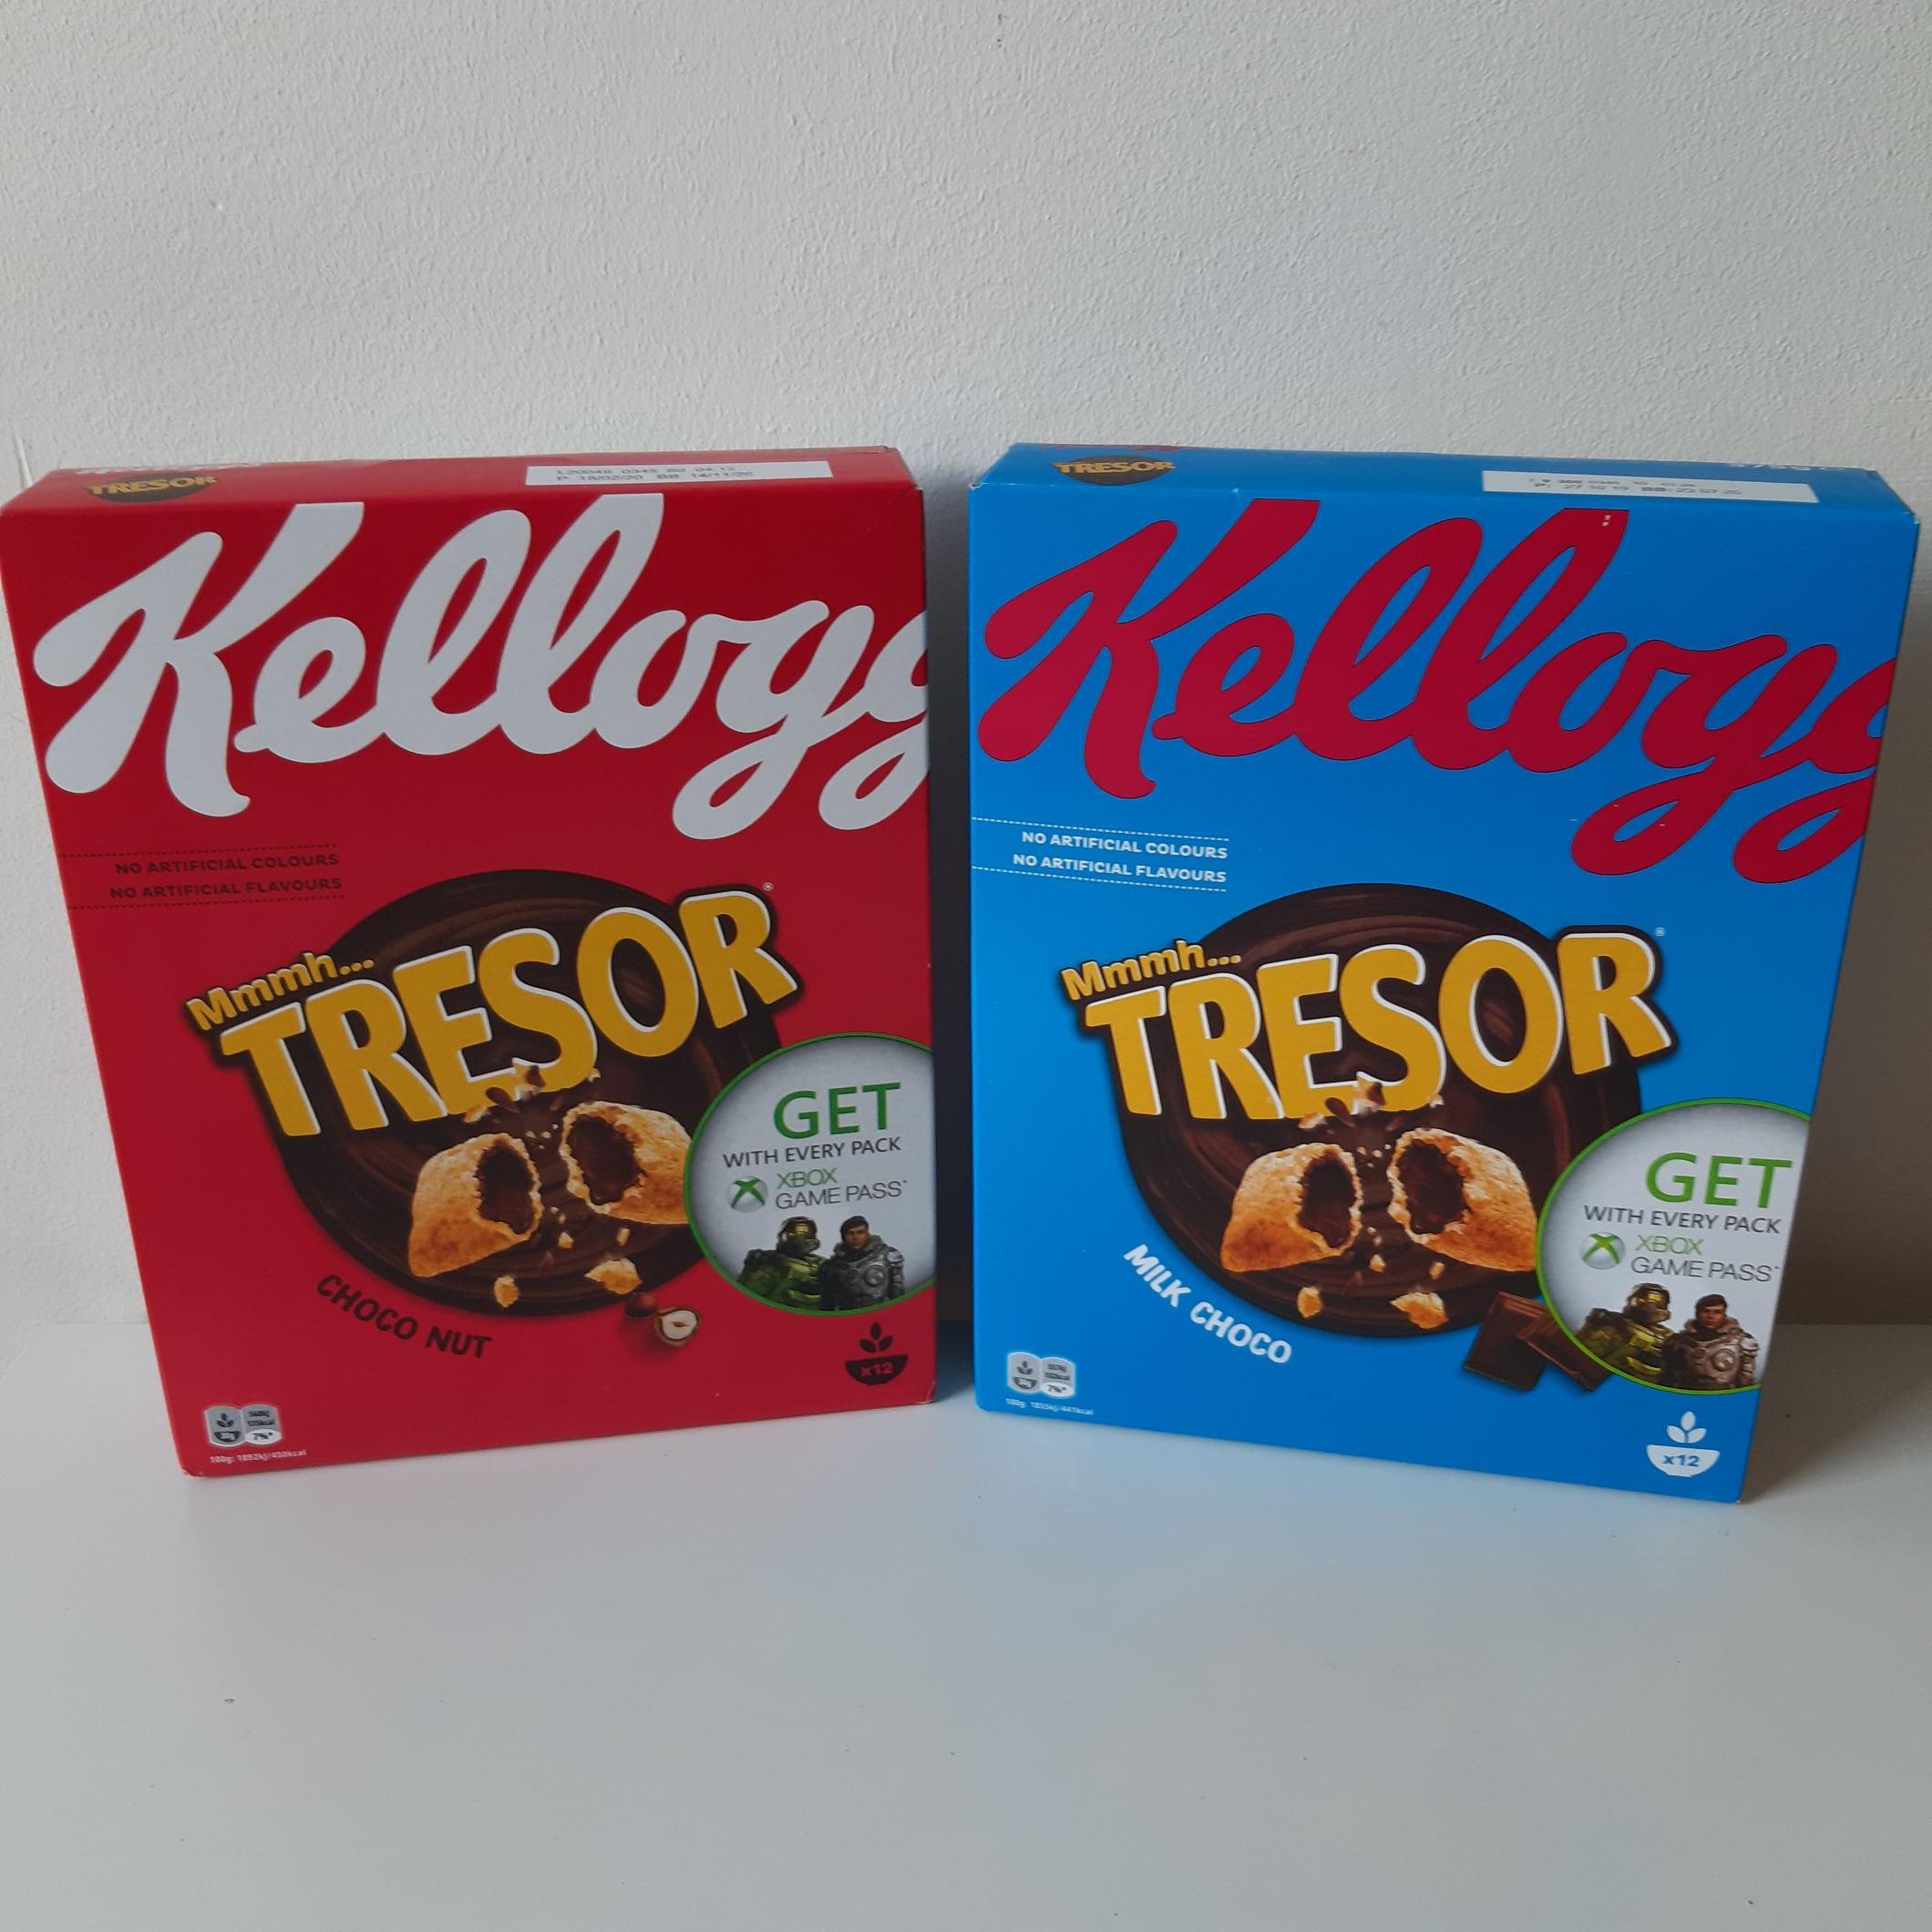 Kelloggs Tresor für unter 1 € mit Coupies Cashback!